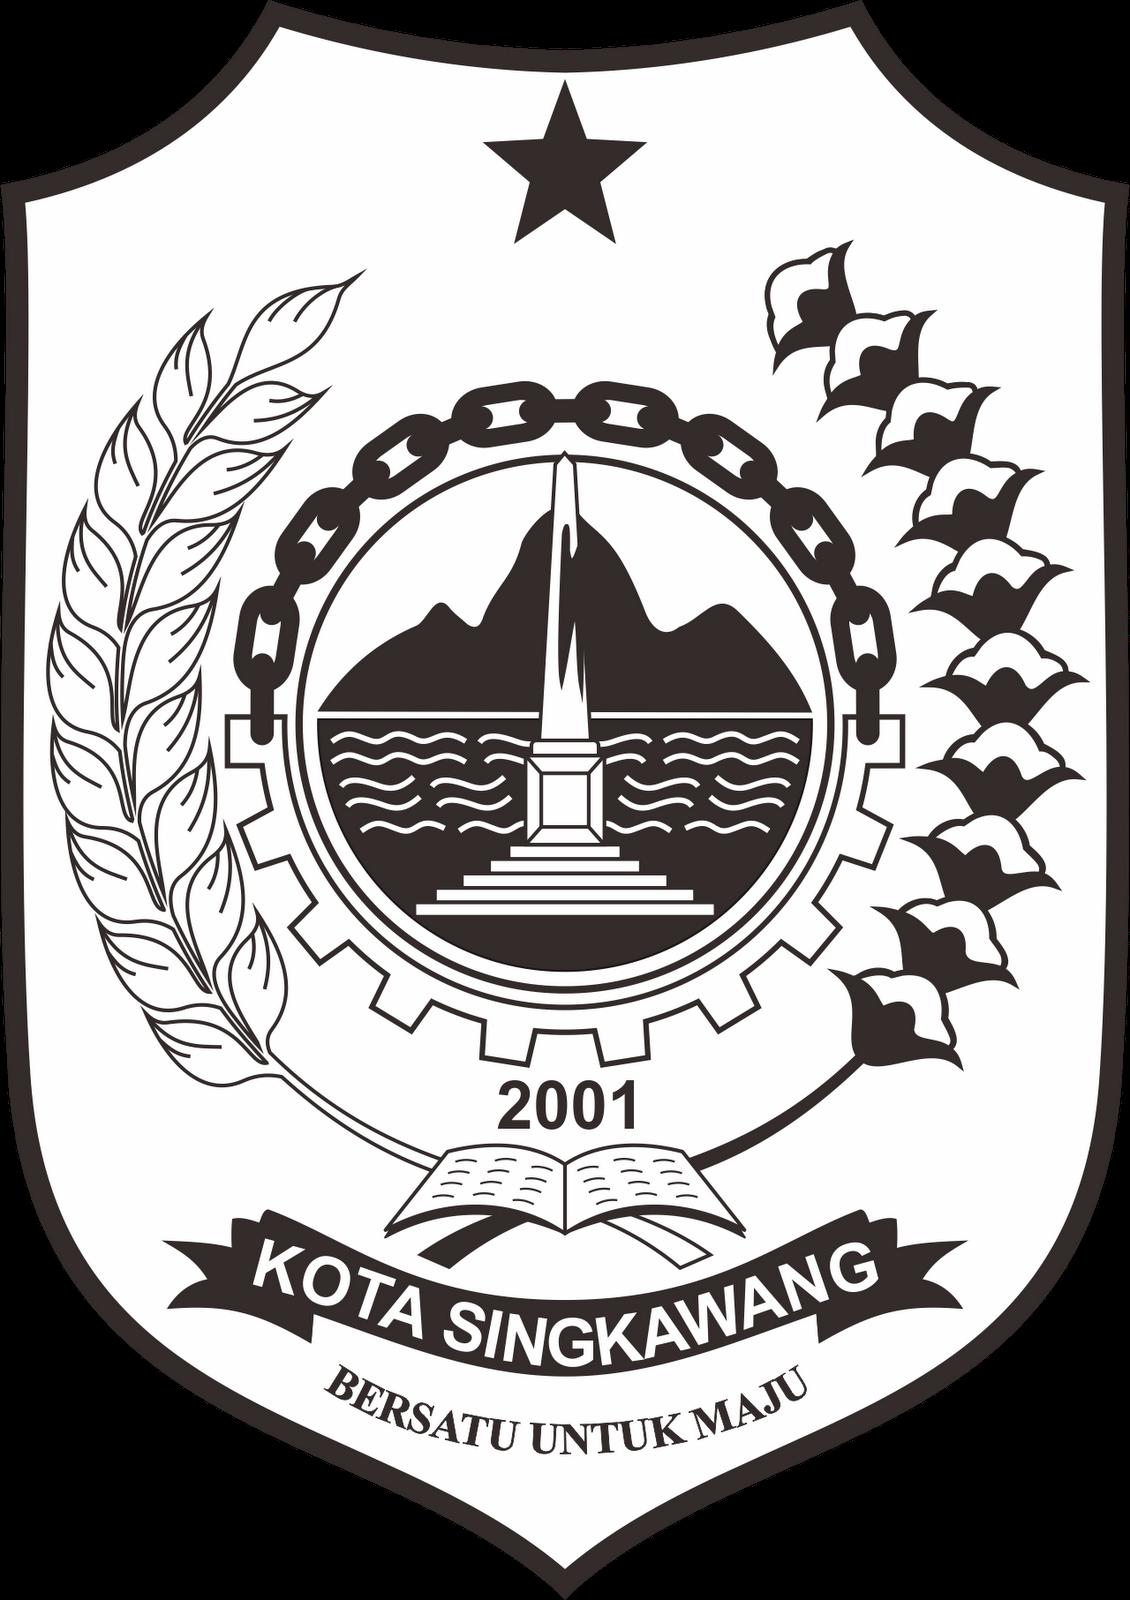 Logo Kota Singkawang Hitam Png 1130 1600